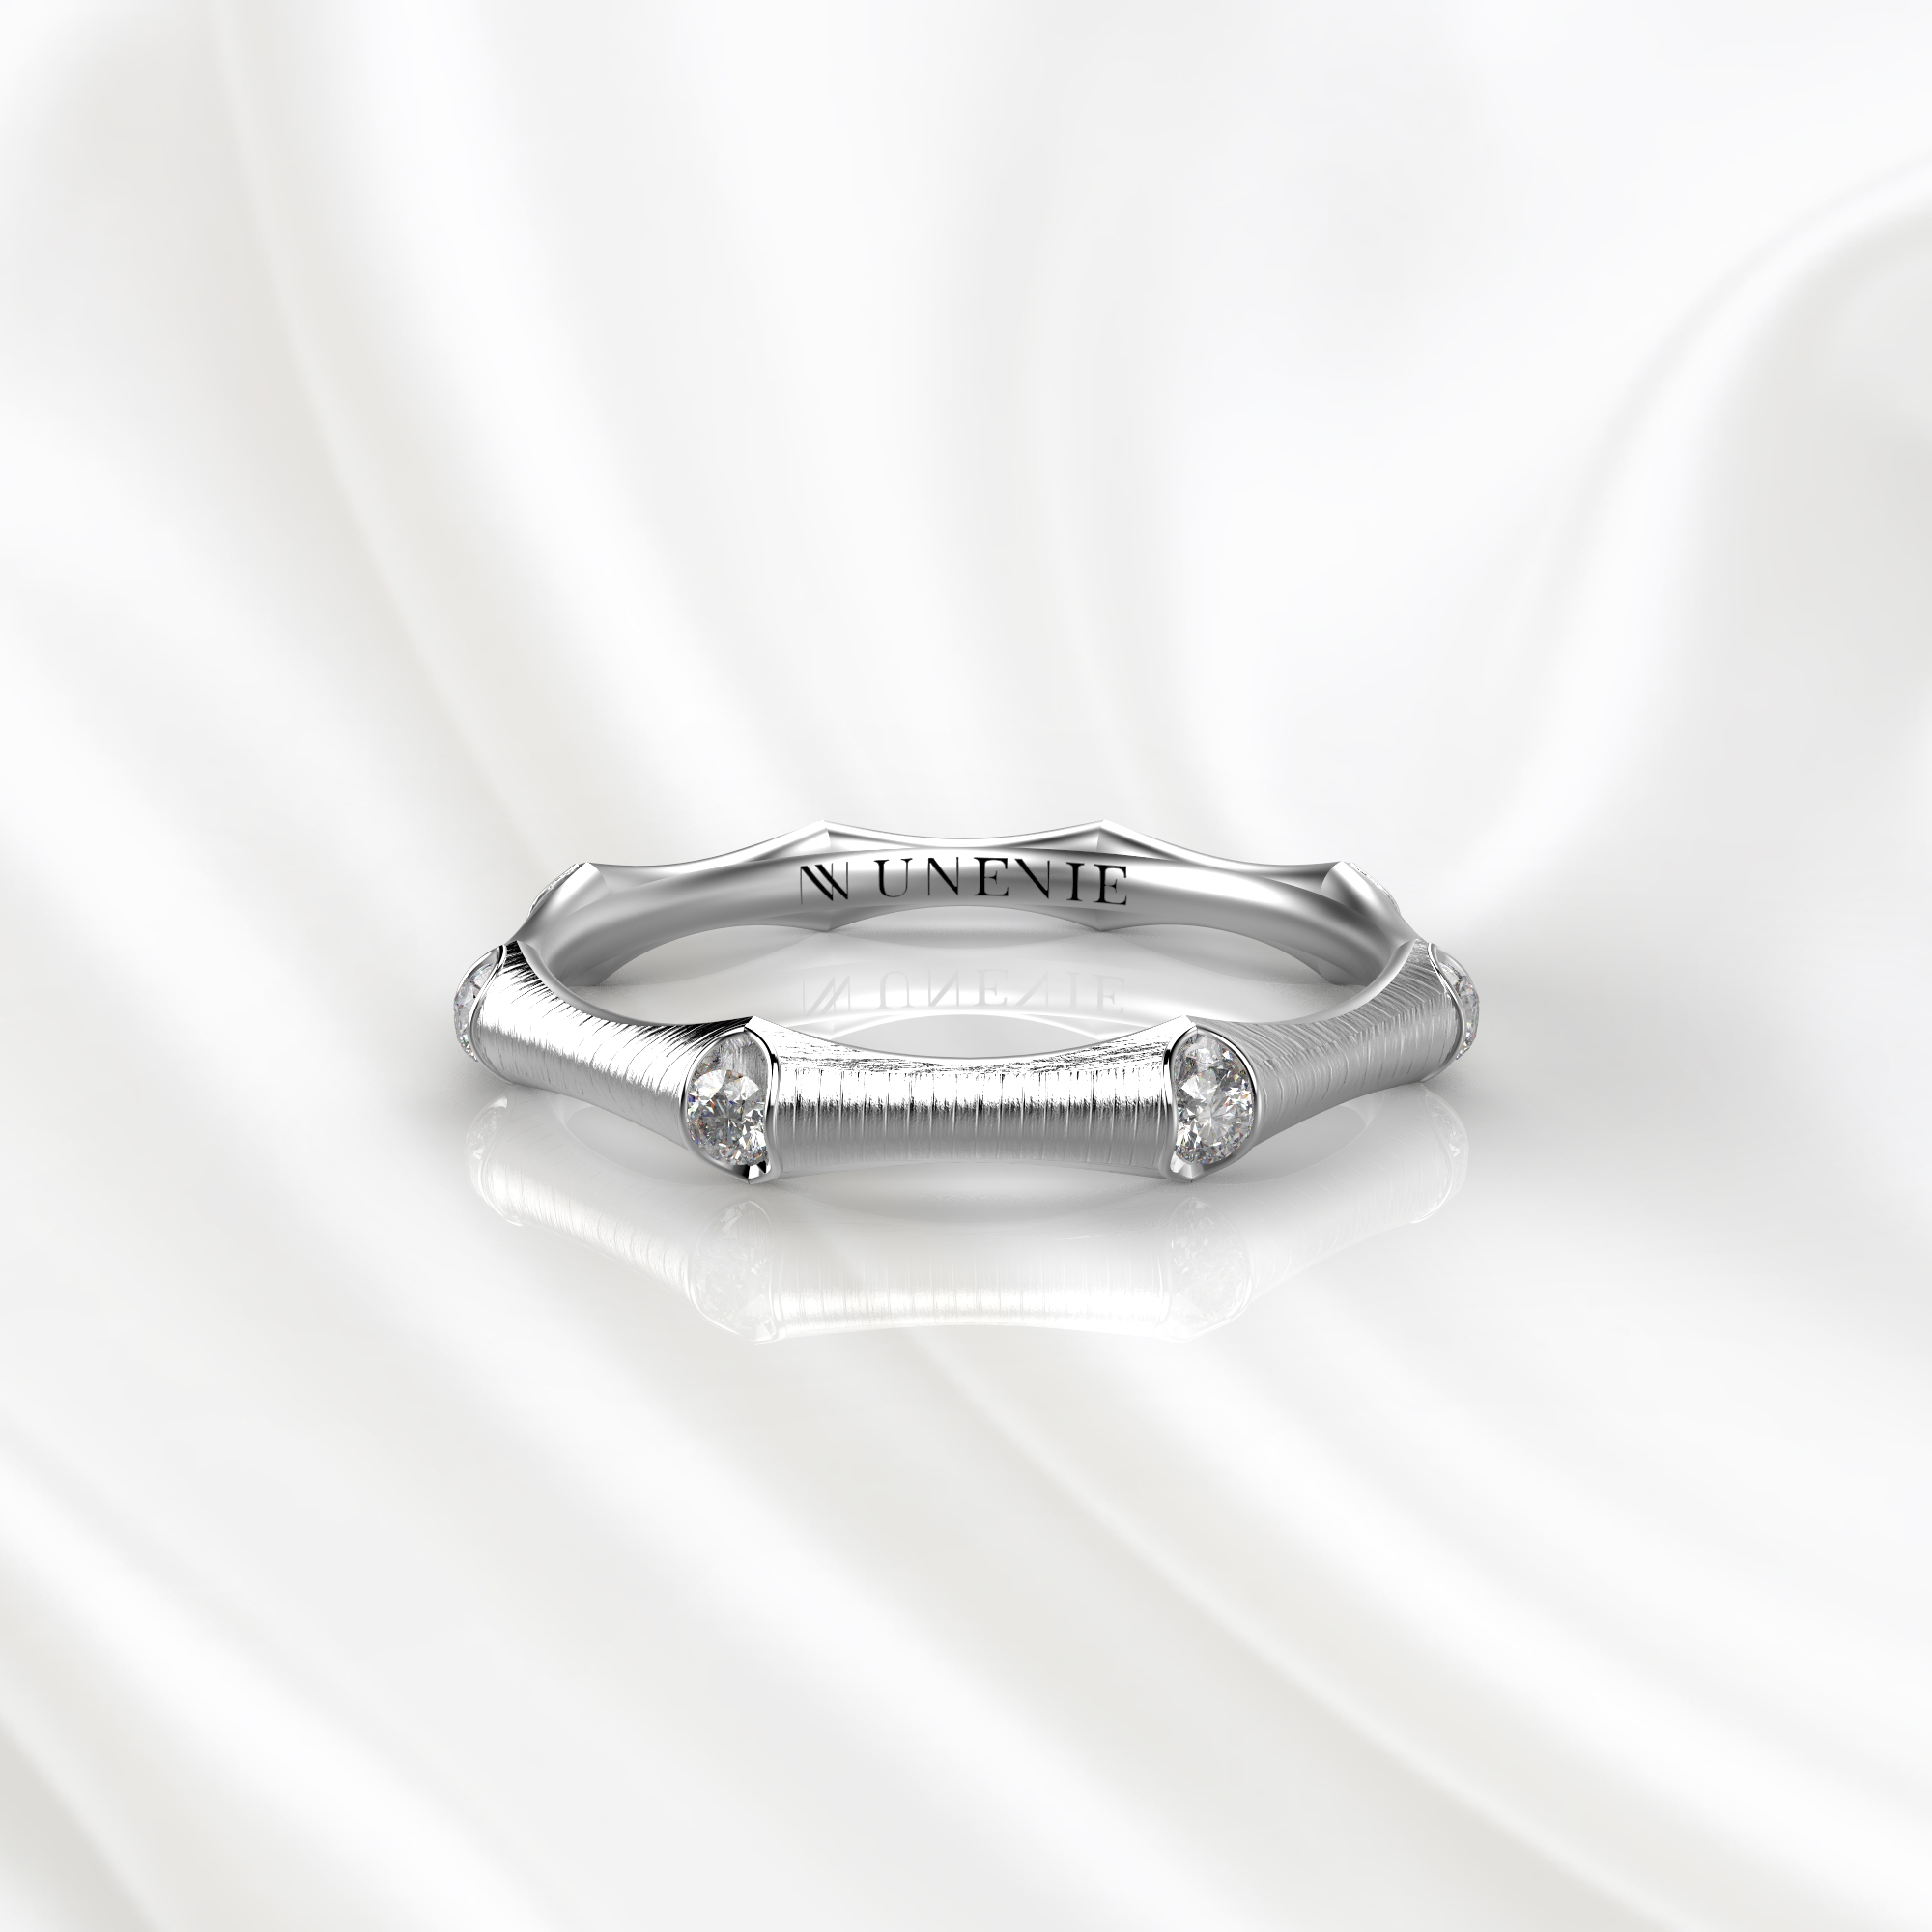 E21 Обручальное кольцо из белого золота с бриллиантами